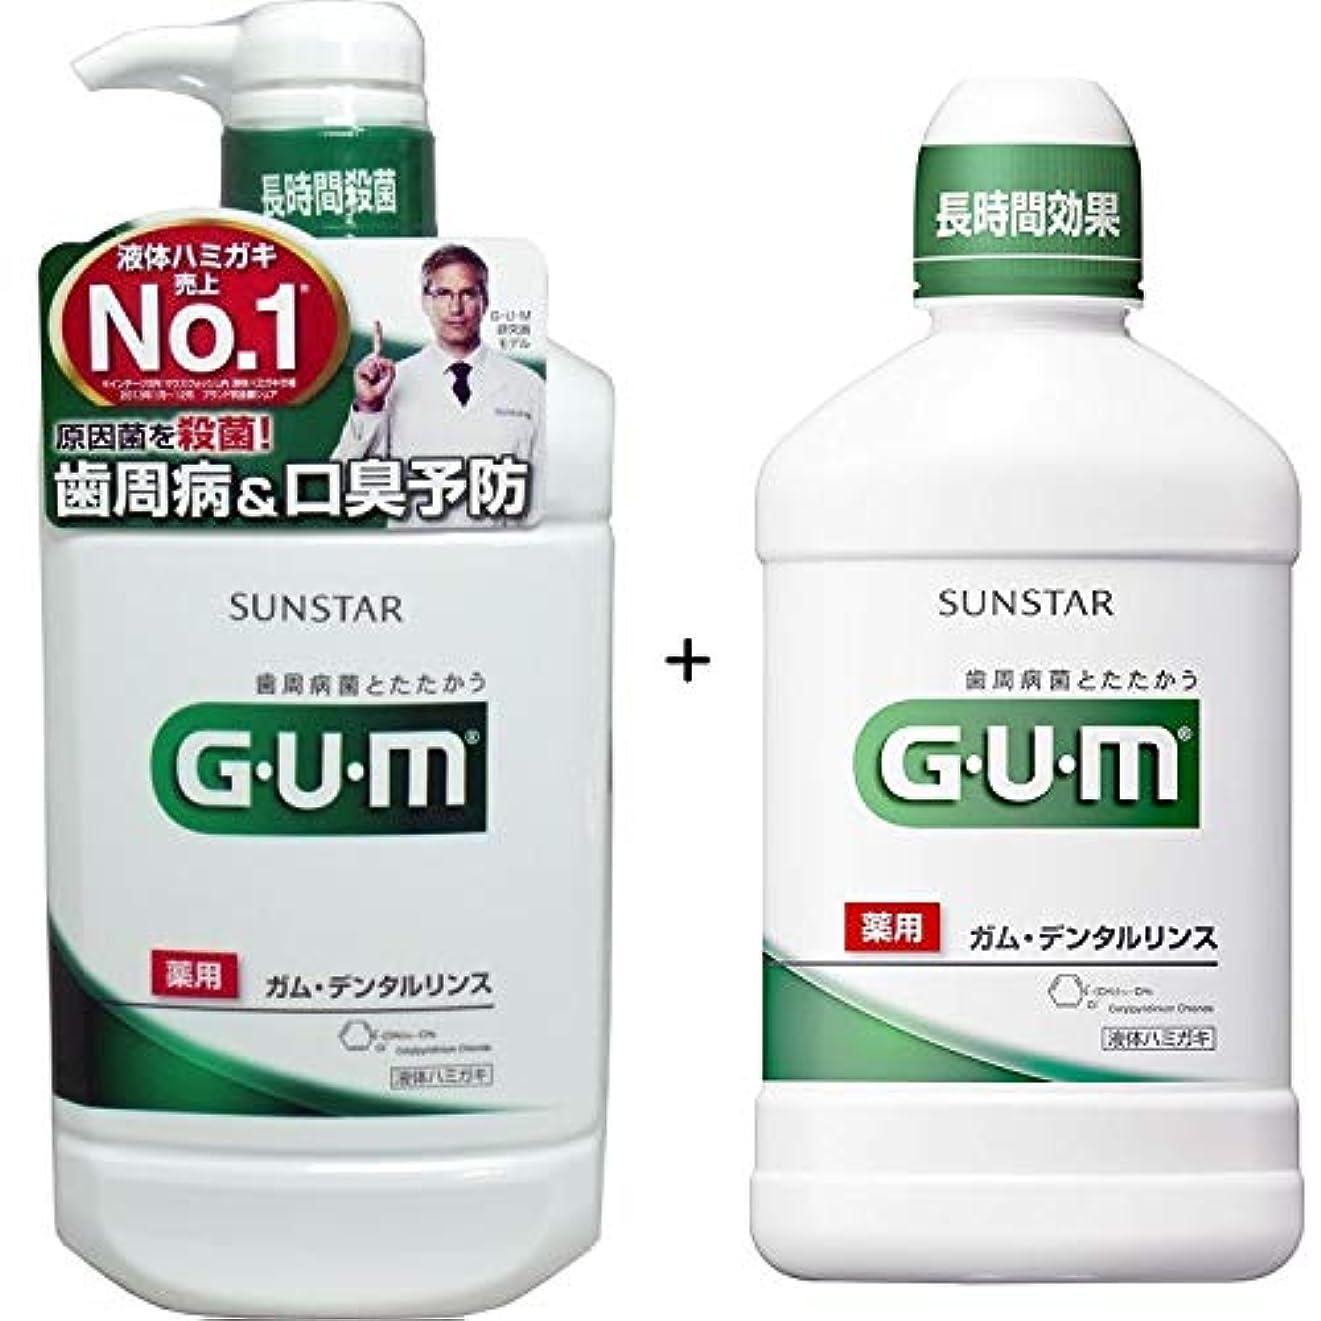 品揃え体系的に免疫ガム デンタルリンス [レギュラータイプ] 960mL + GUMデンタルリンス500ML レギュラー [医薬部外品] セット